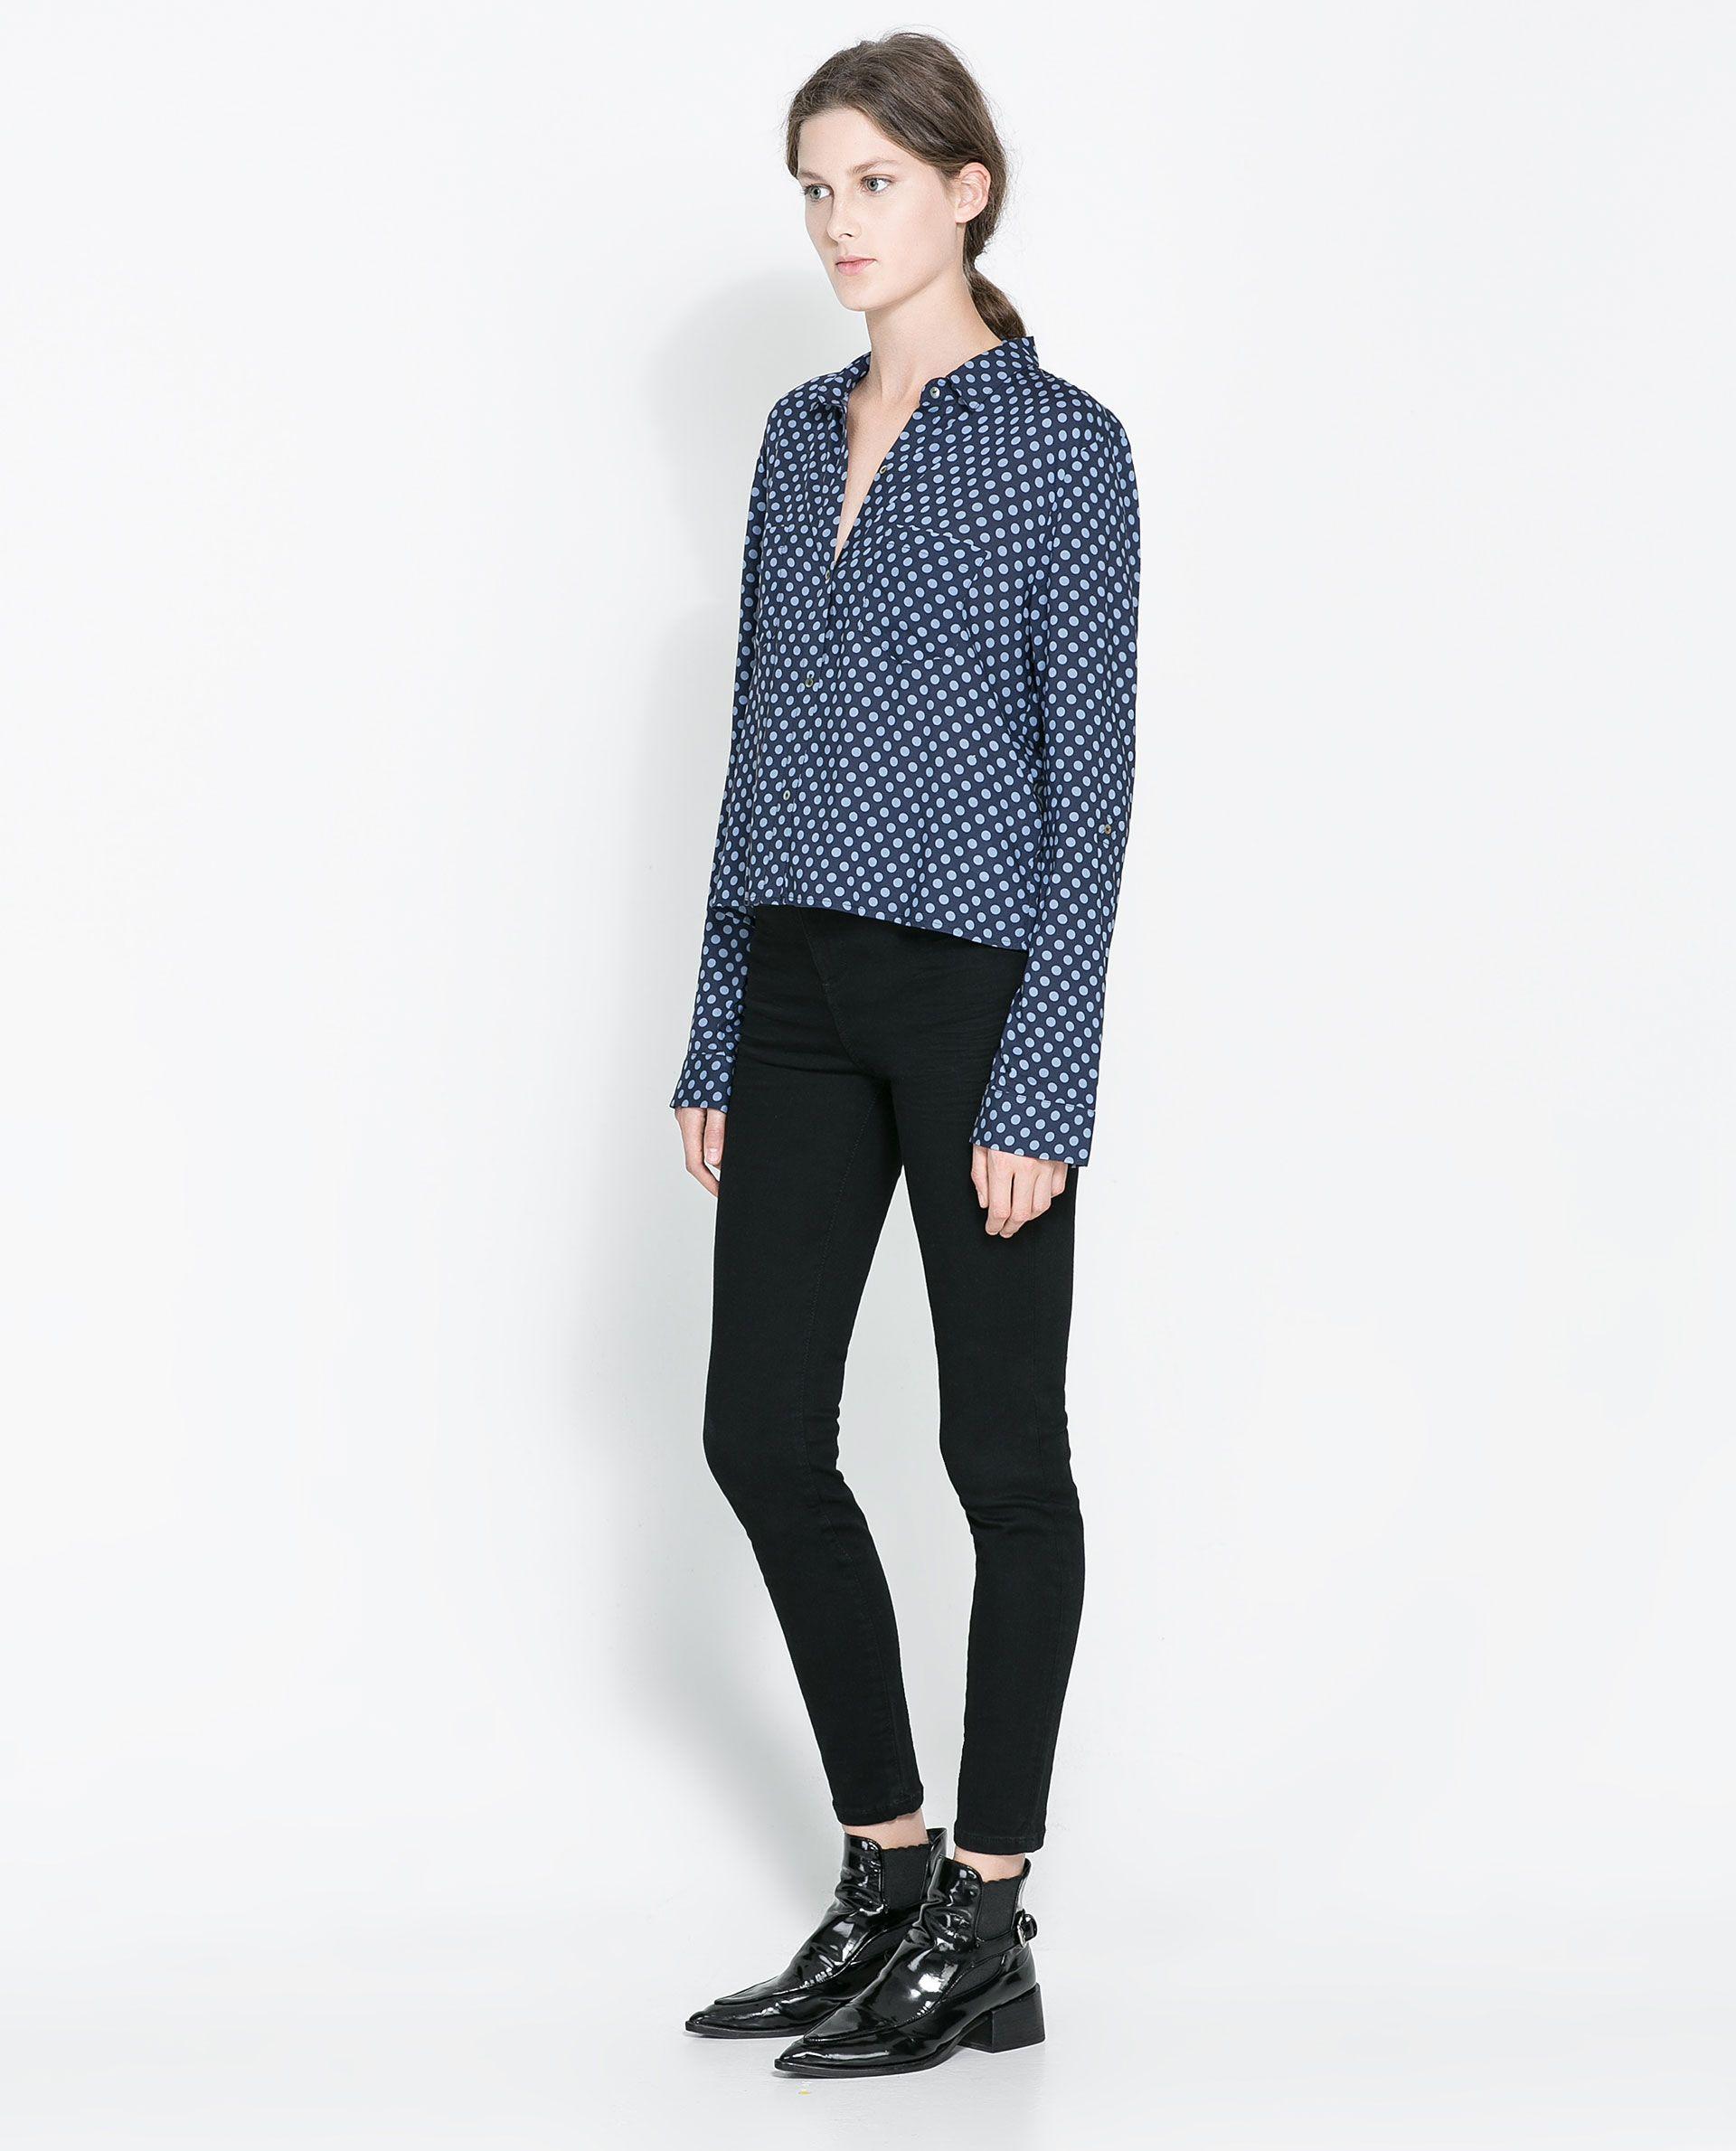 1e367412 ZARA - WOMAN - HIGH WAIST SKINNY JEANS | Fashion | High waisted ...